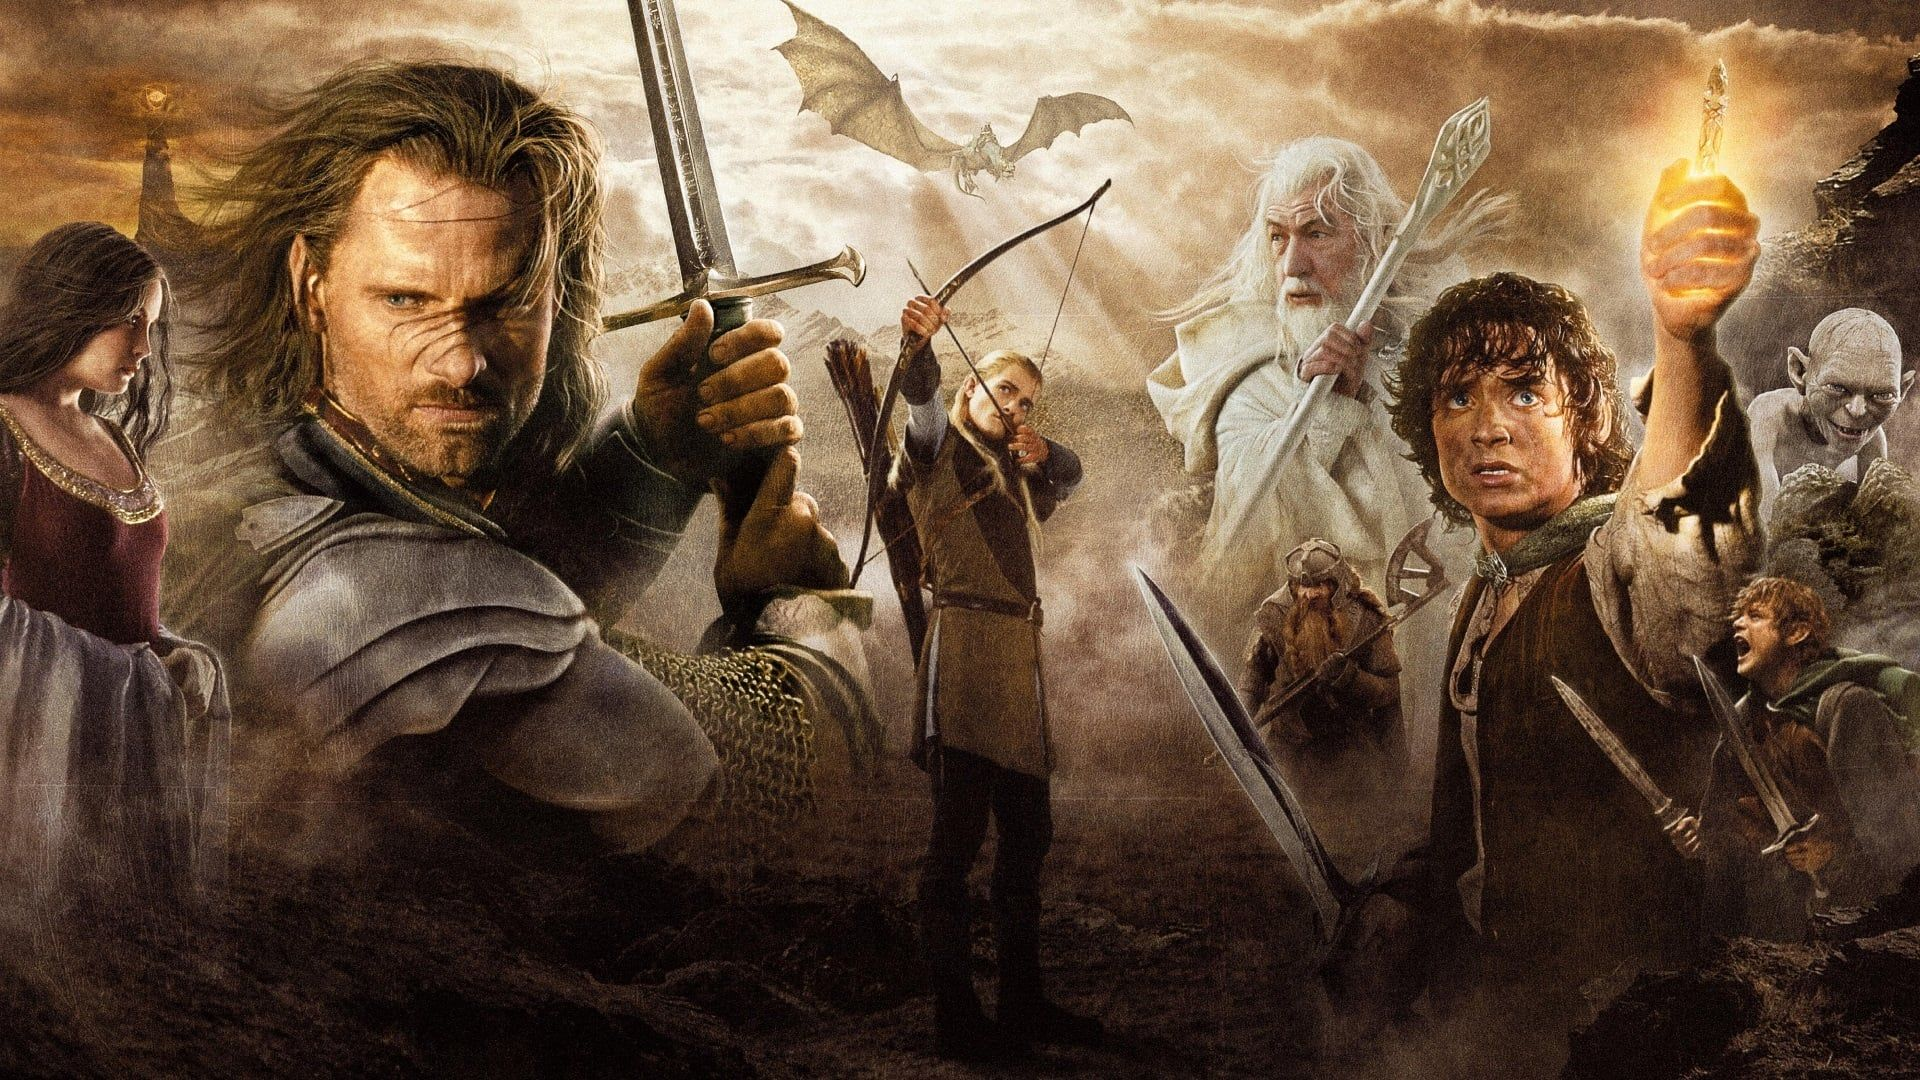 Il Signore Degli Anelli Il Ritorno Del Re 2003 Streaming Ita Cb01 Film Completo Italiano Altadefinizione Le Forz The Hobbit Lotr Characters Lord Of The Rings